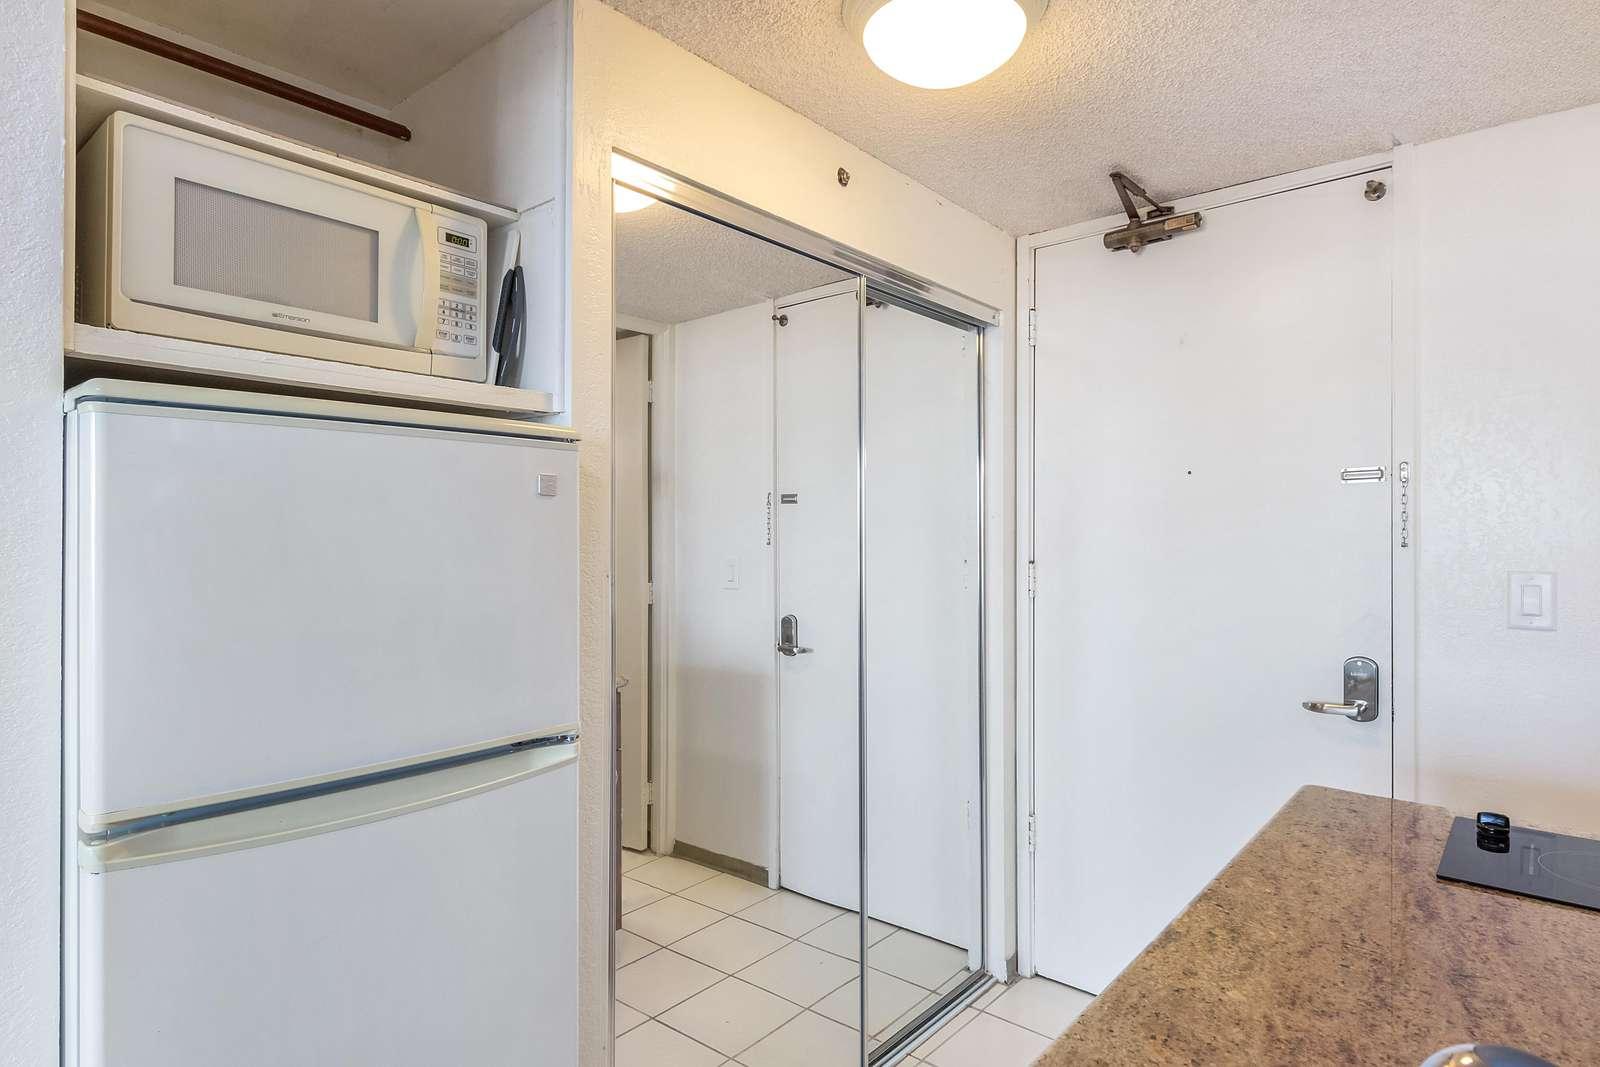 Kitchenette W/Refrigerator & Microwave